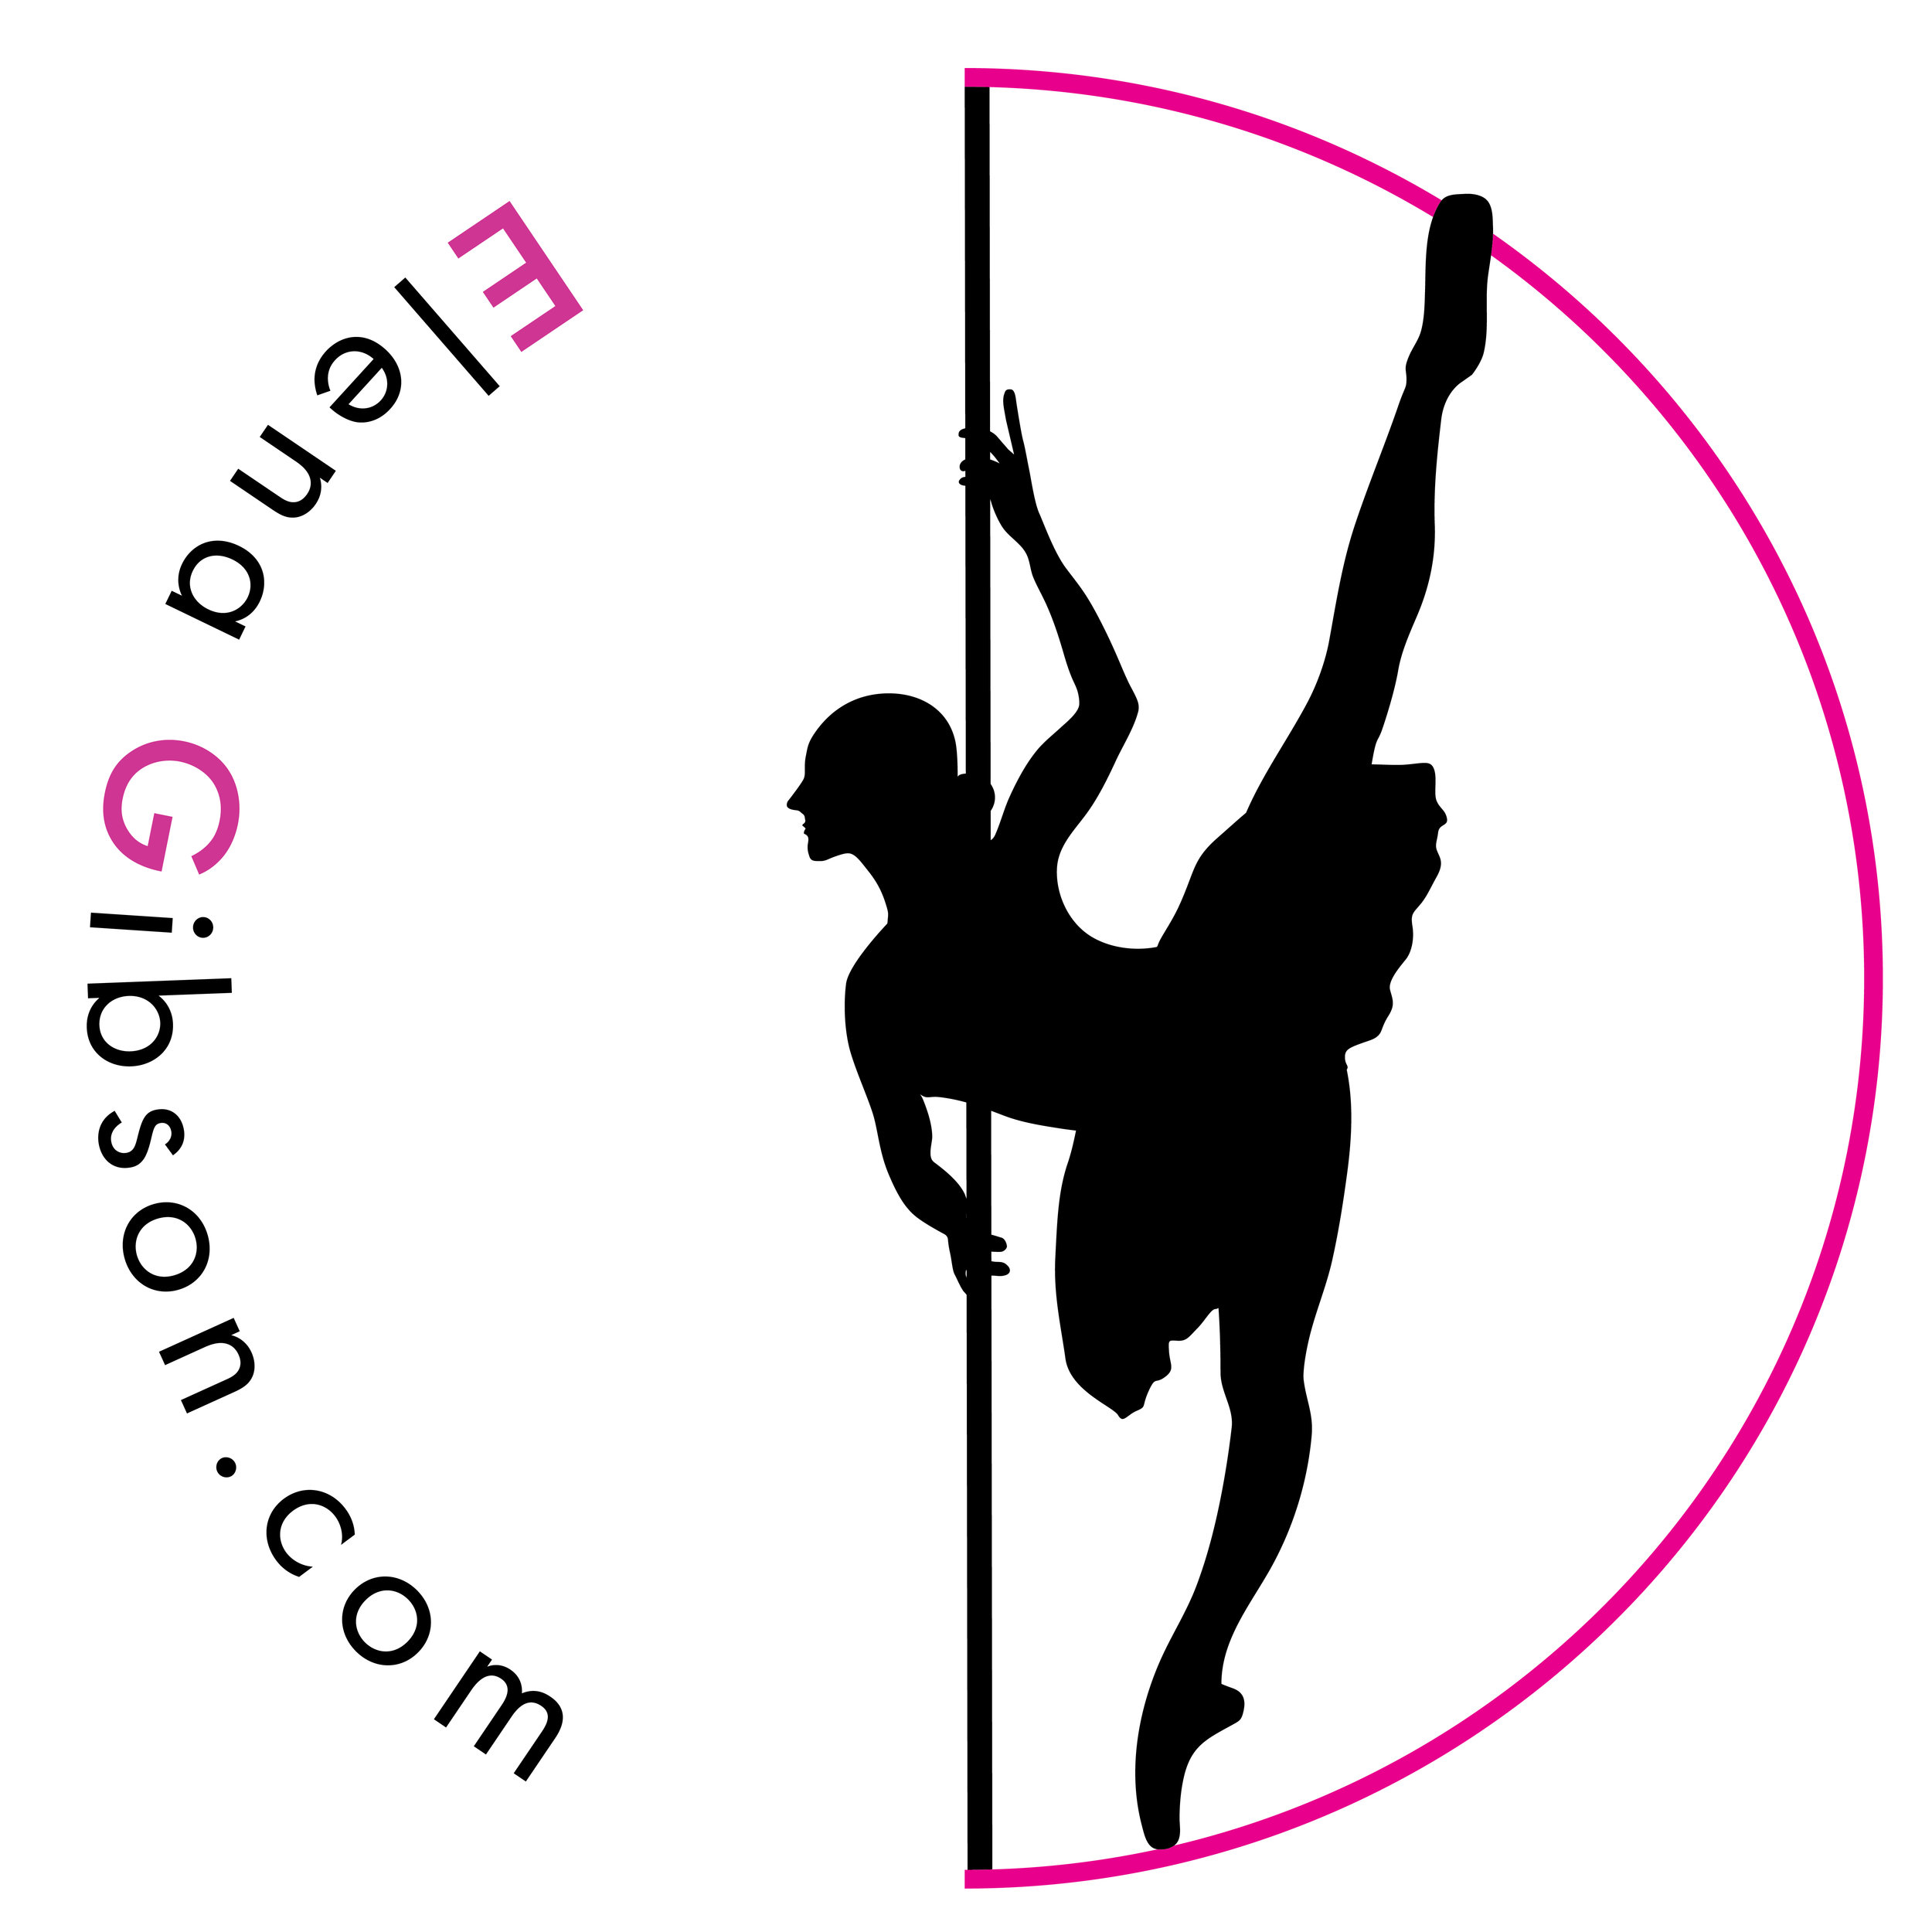 logo-elena-ok-02 jpeg.jpg